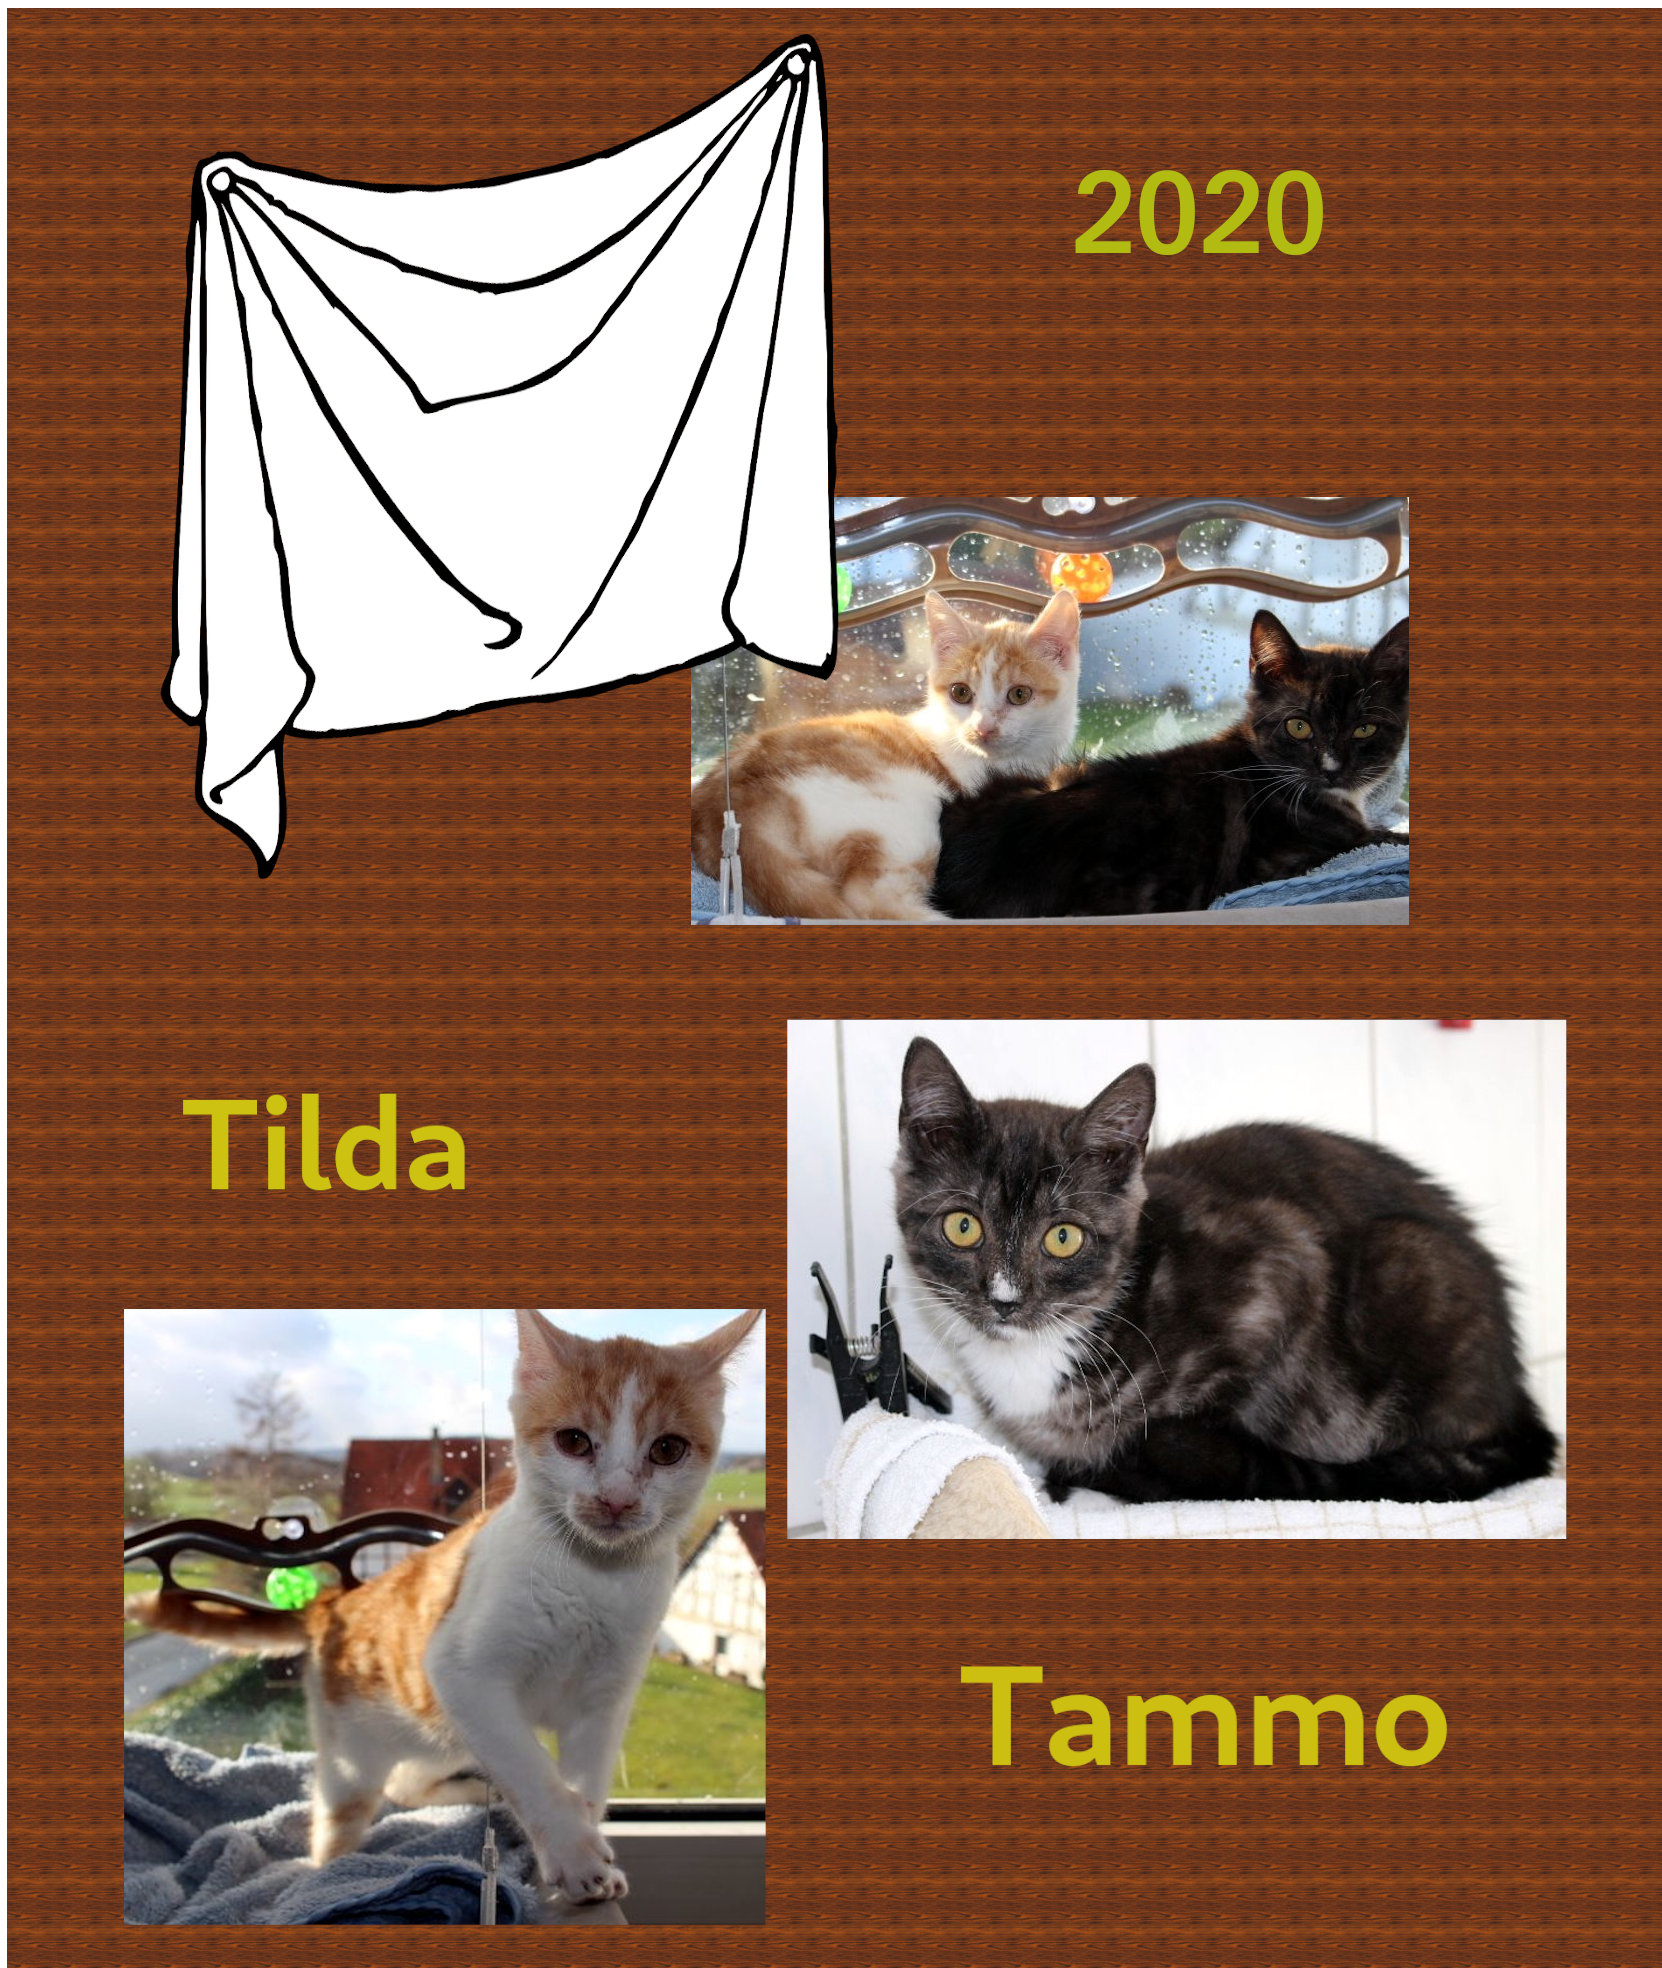 Zusammenstellung von drei Katzenbildern